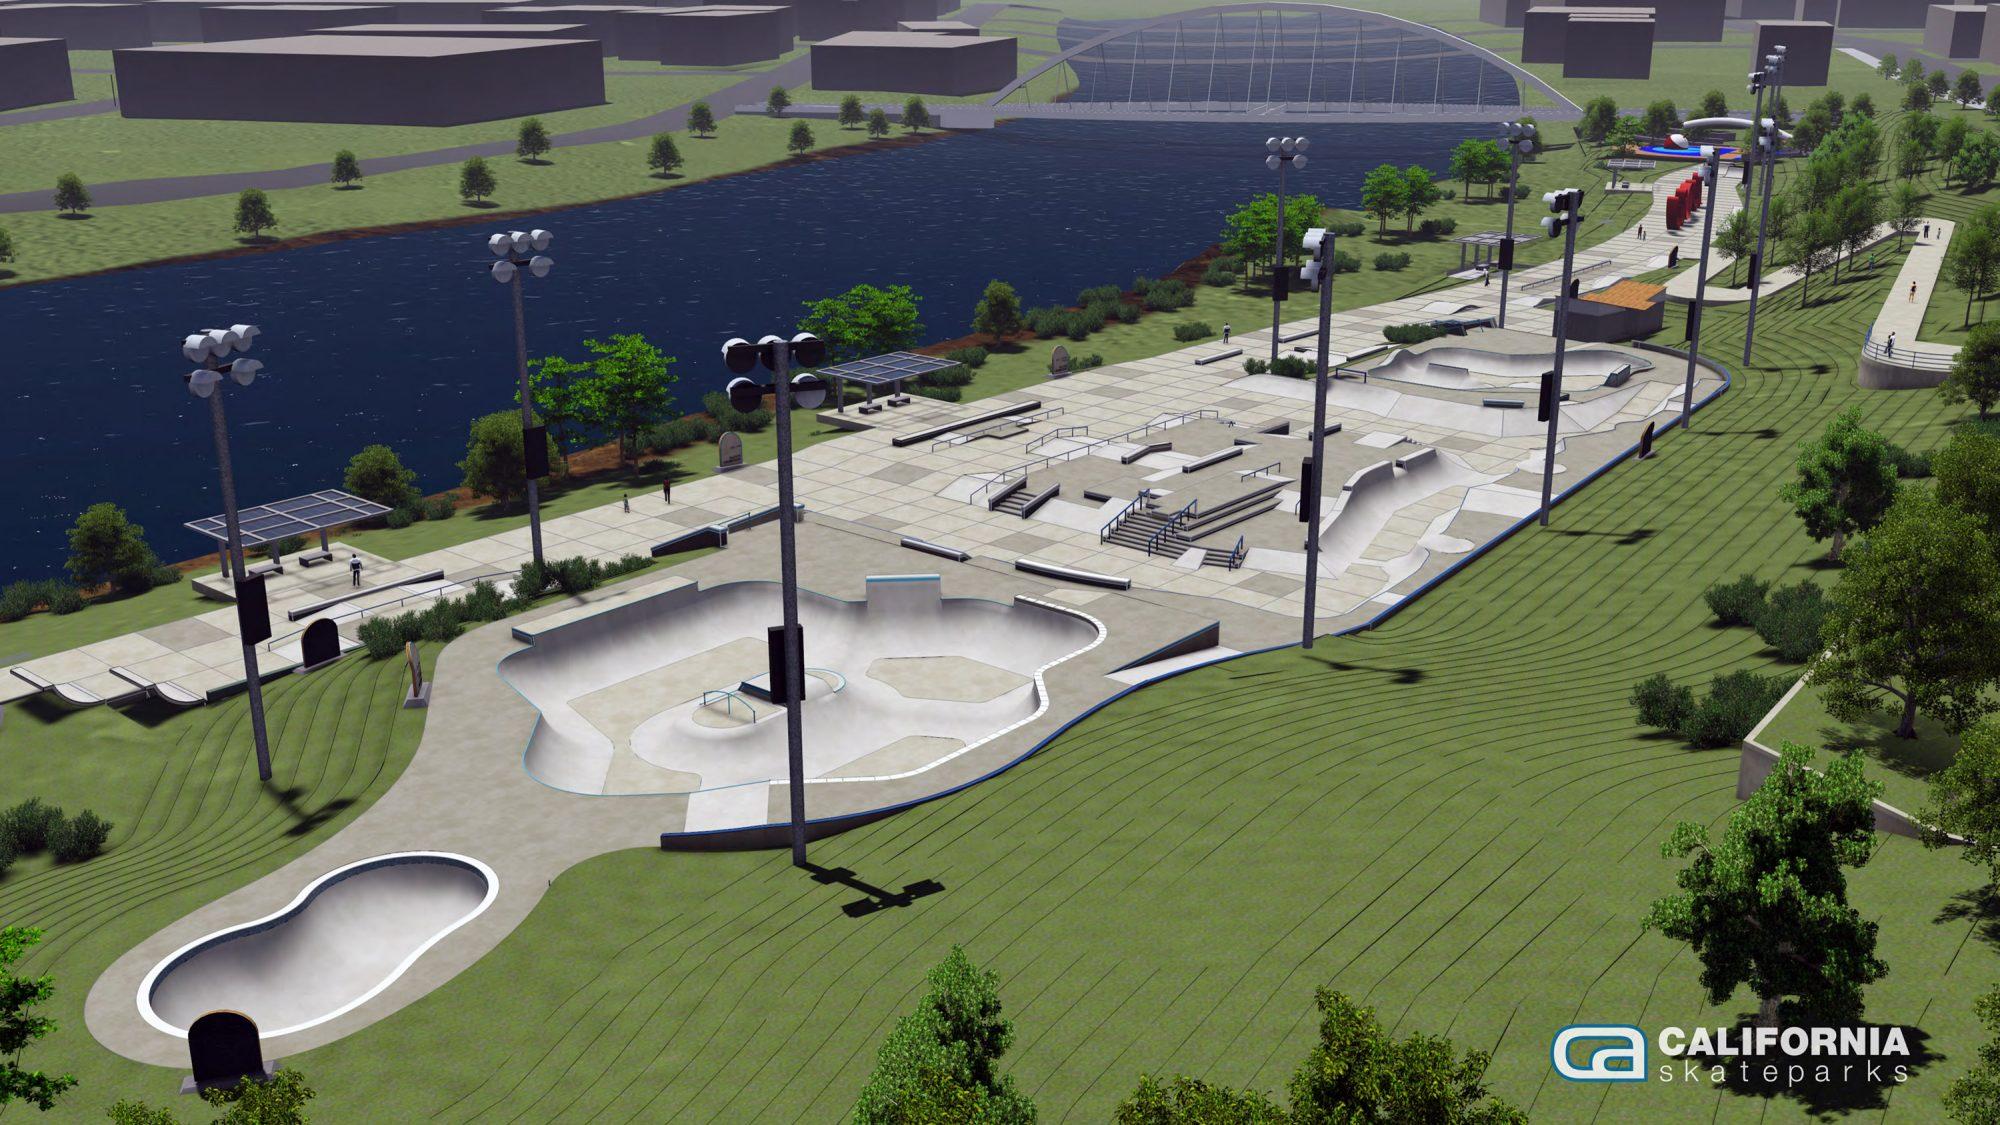 Lauridsen Skatepark rendering